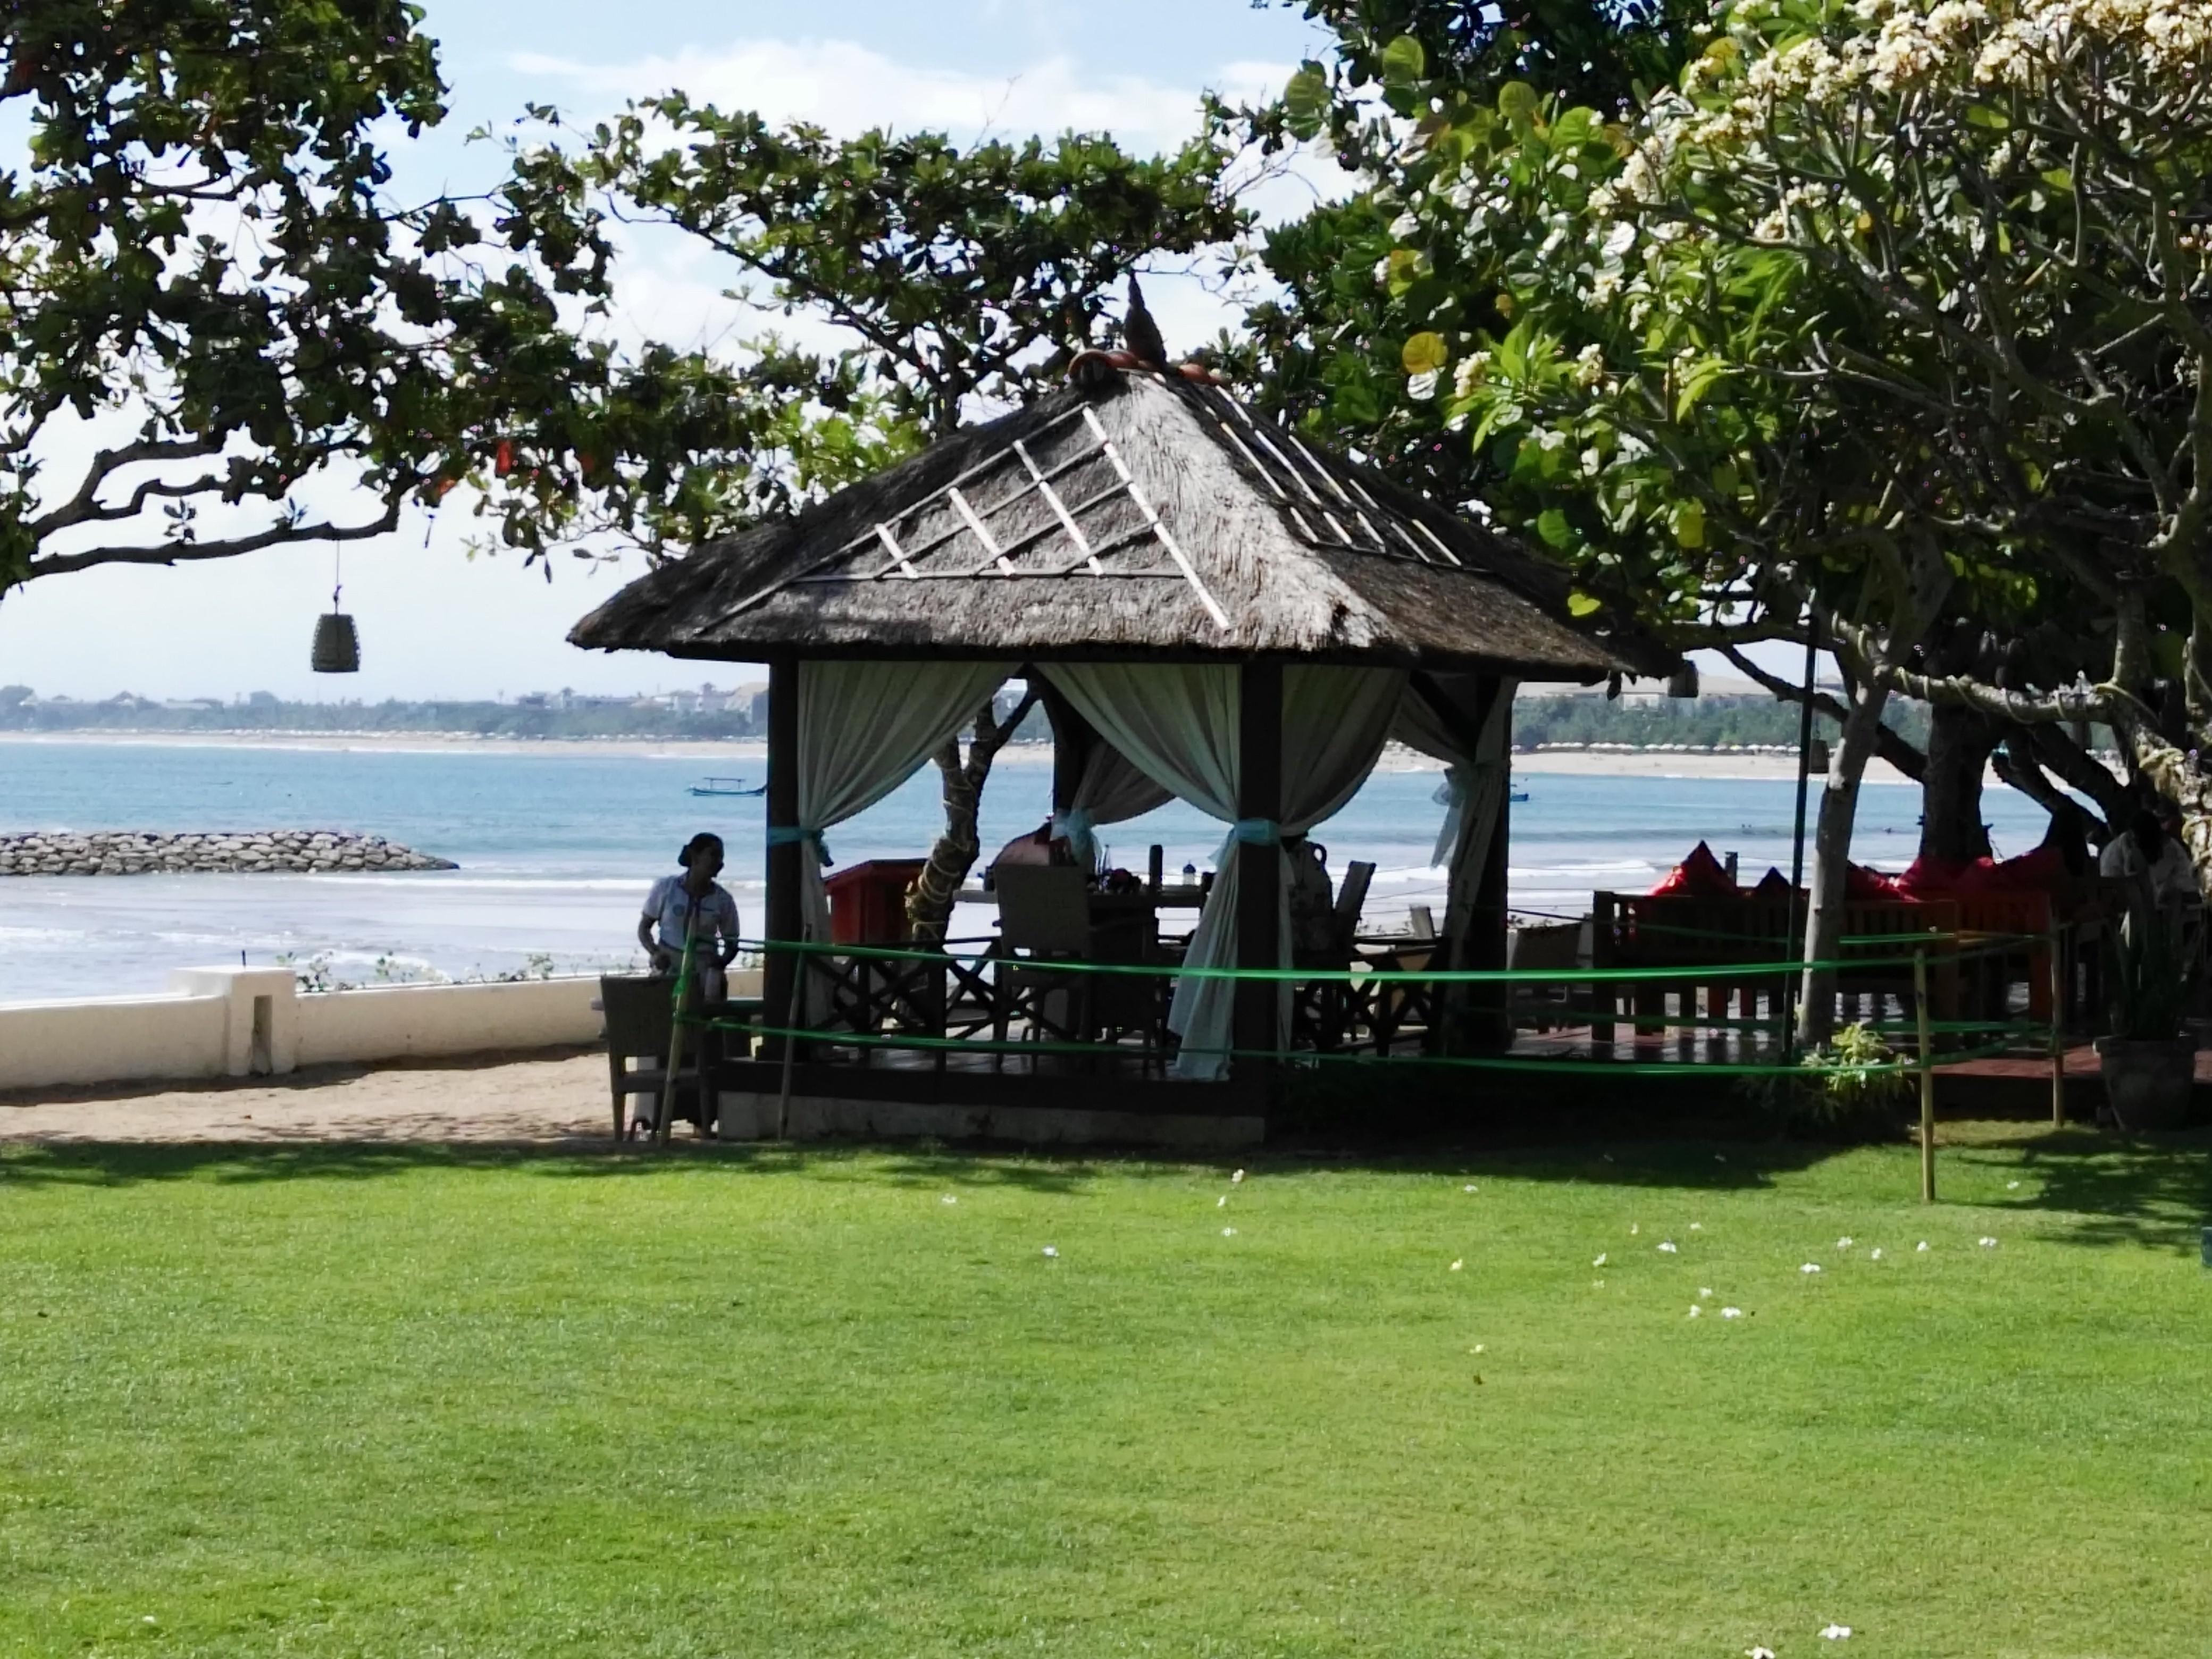 Bali Hut Gazebo